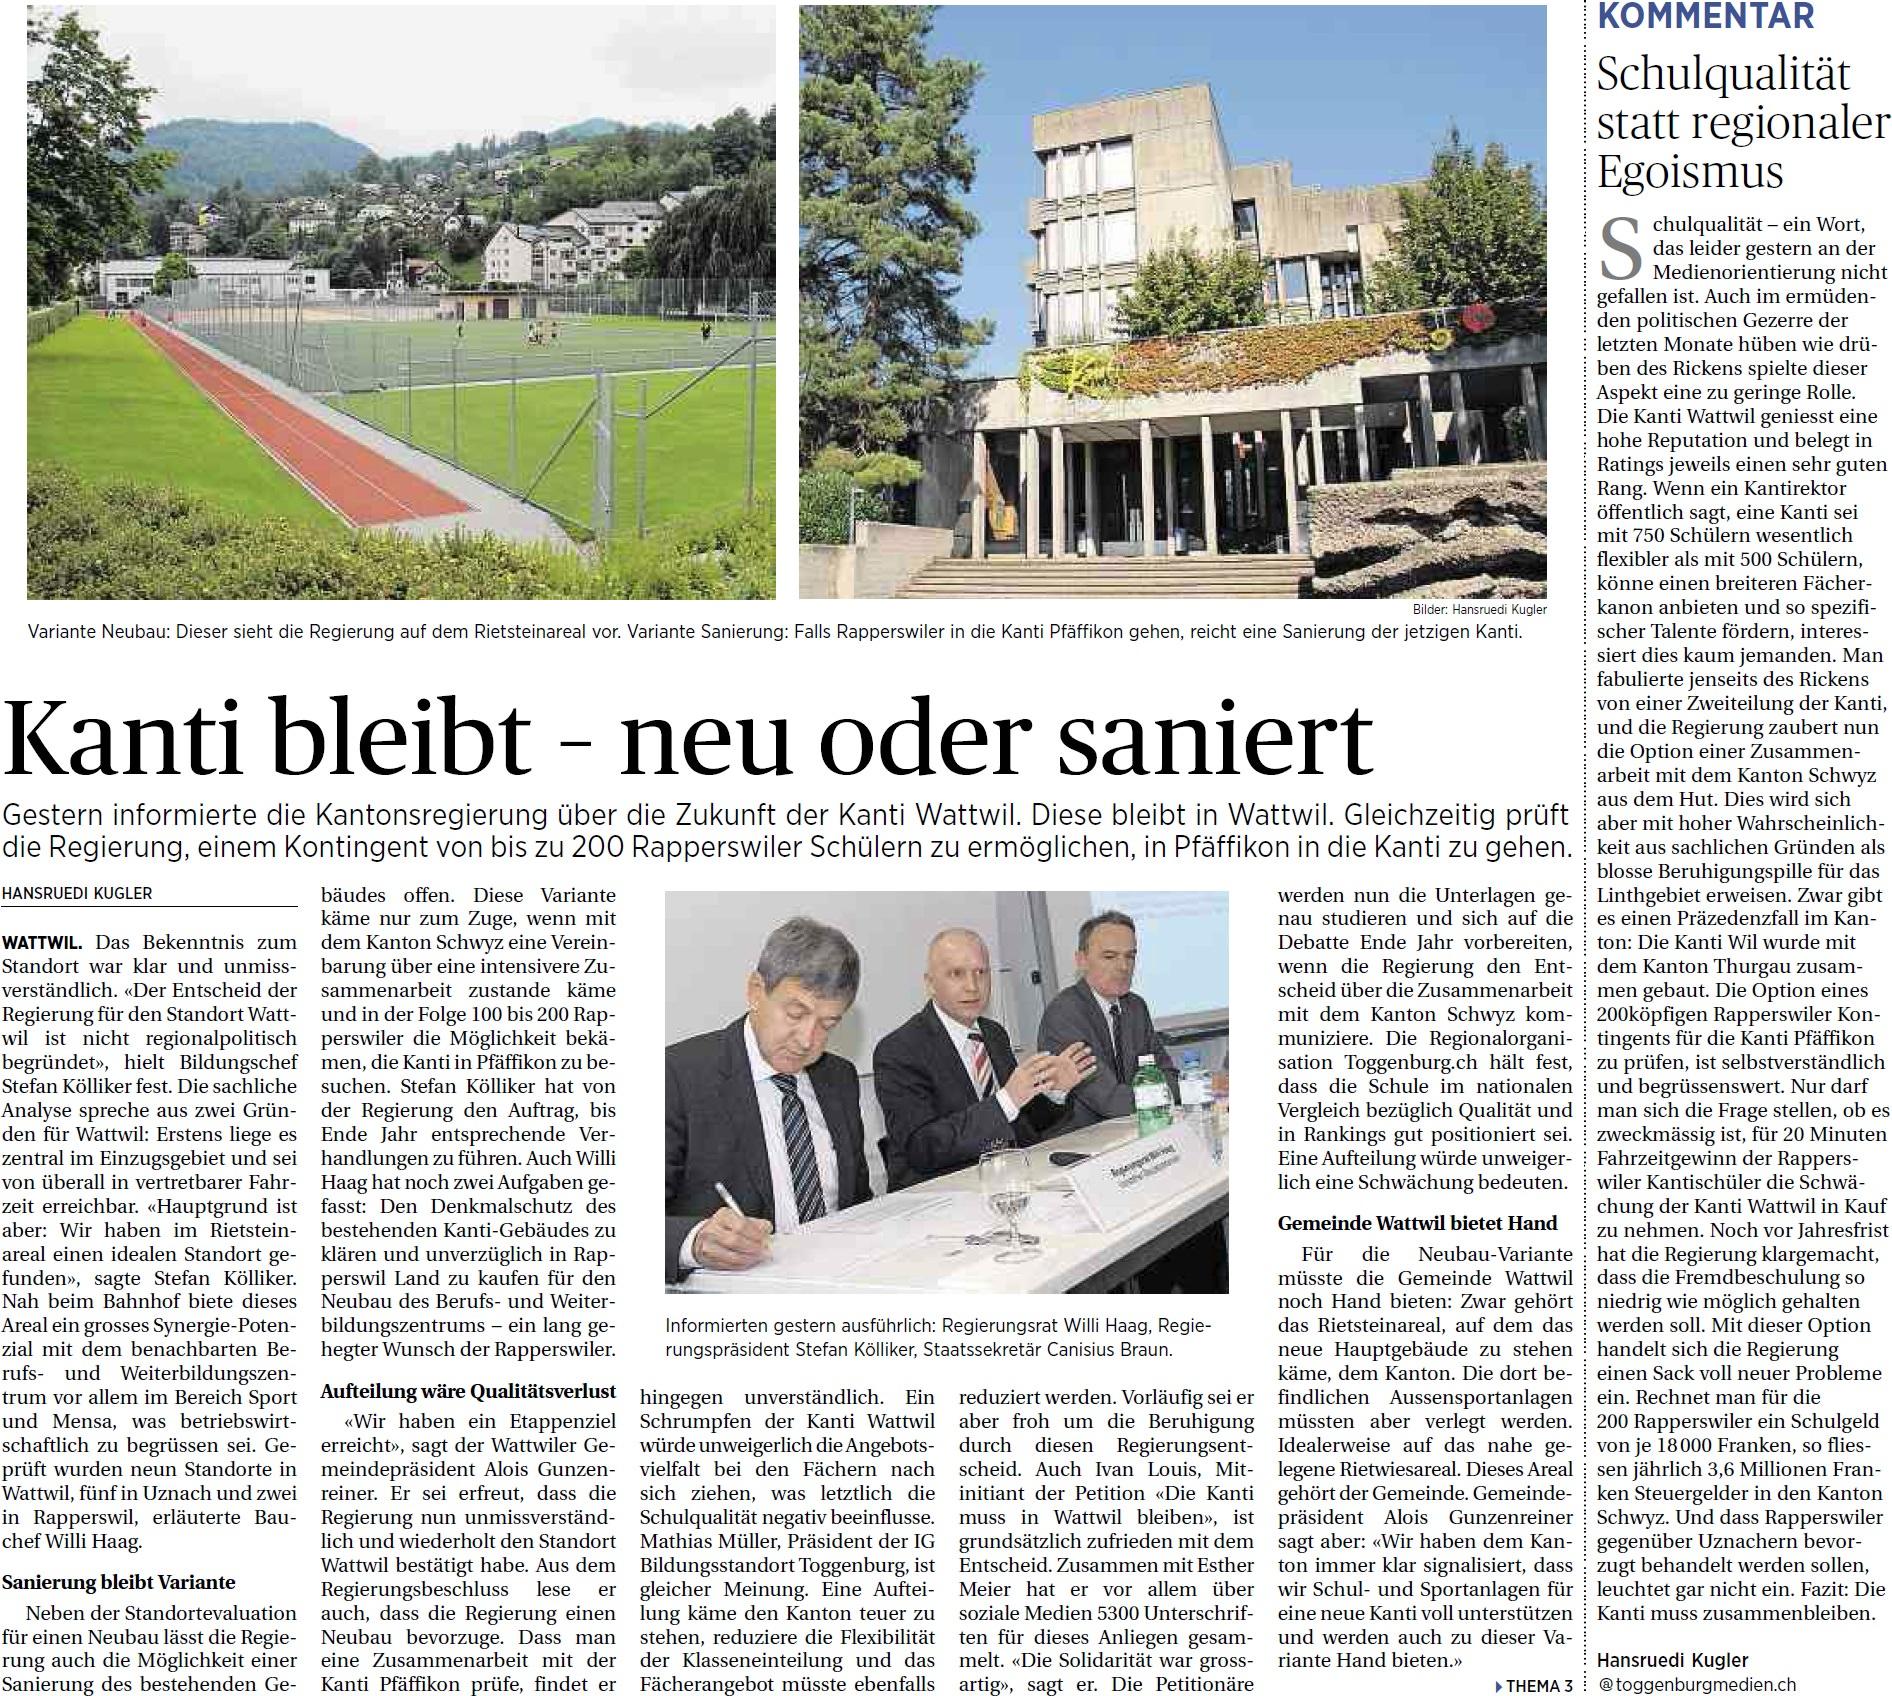 Kanti bleibt - neu oder saniert (Donnerstag, 08.05.2014)